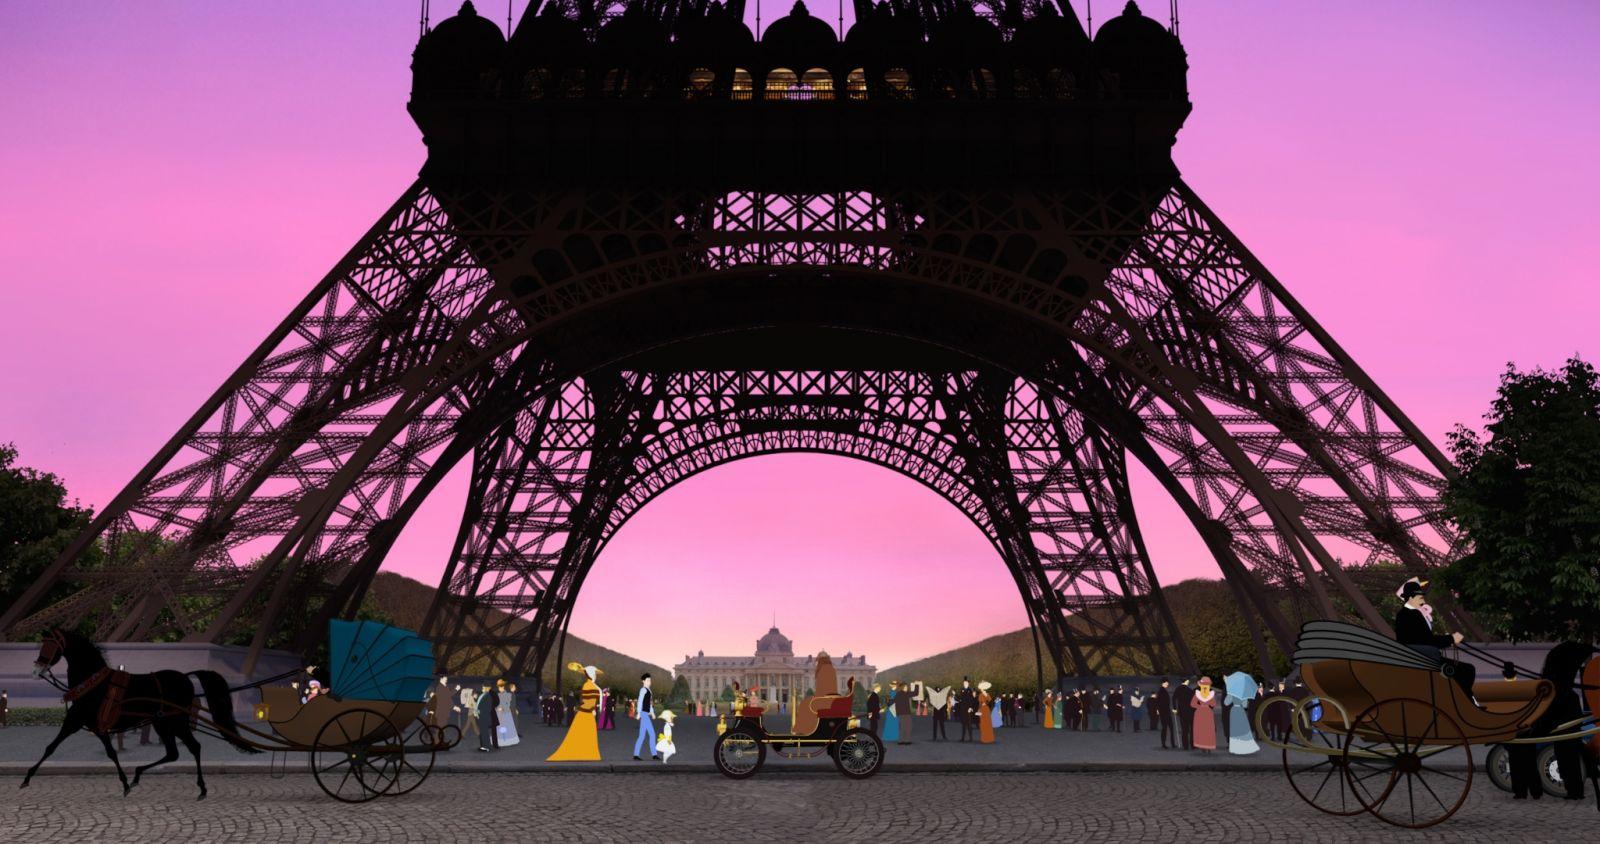 פסטיבל הקולנוע הצרפתי ה-17 יתקיים כמתכונתו